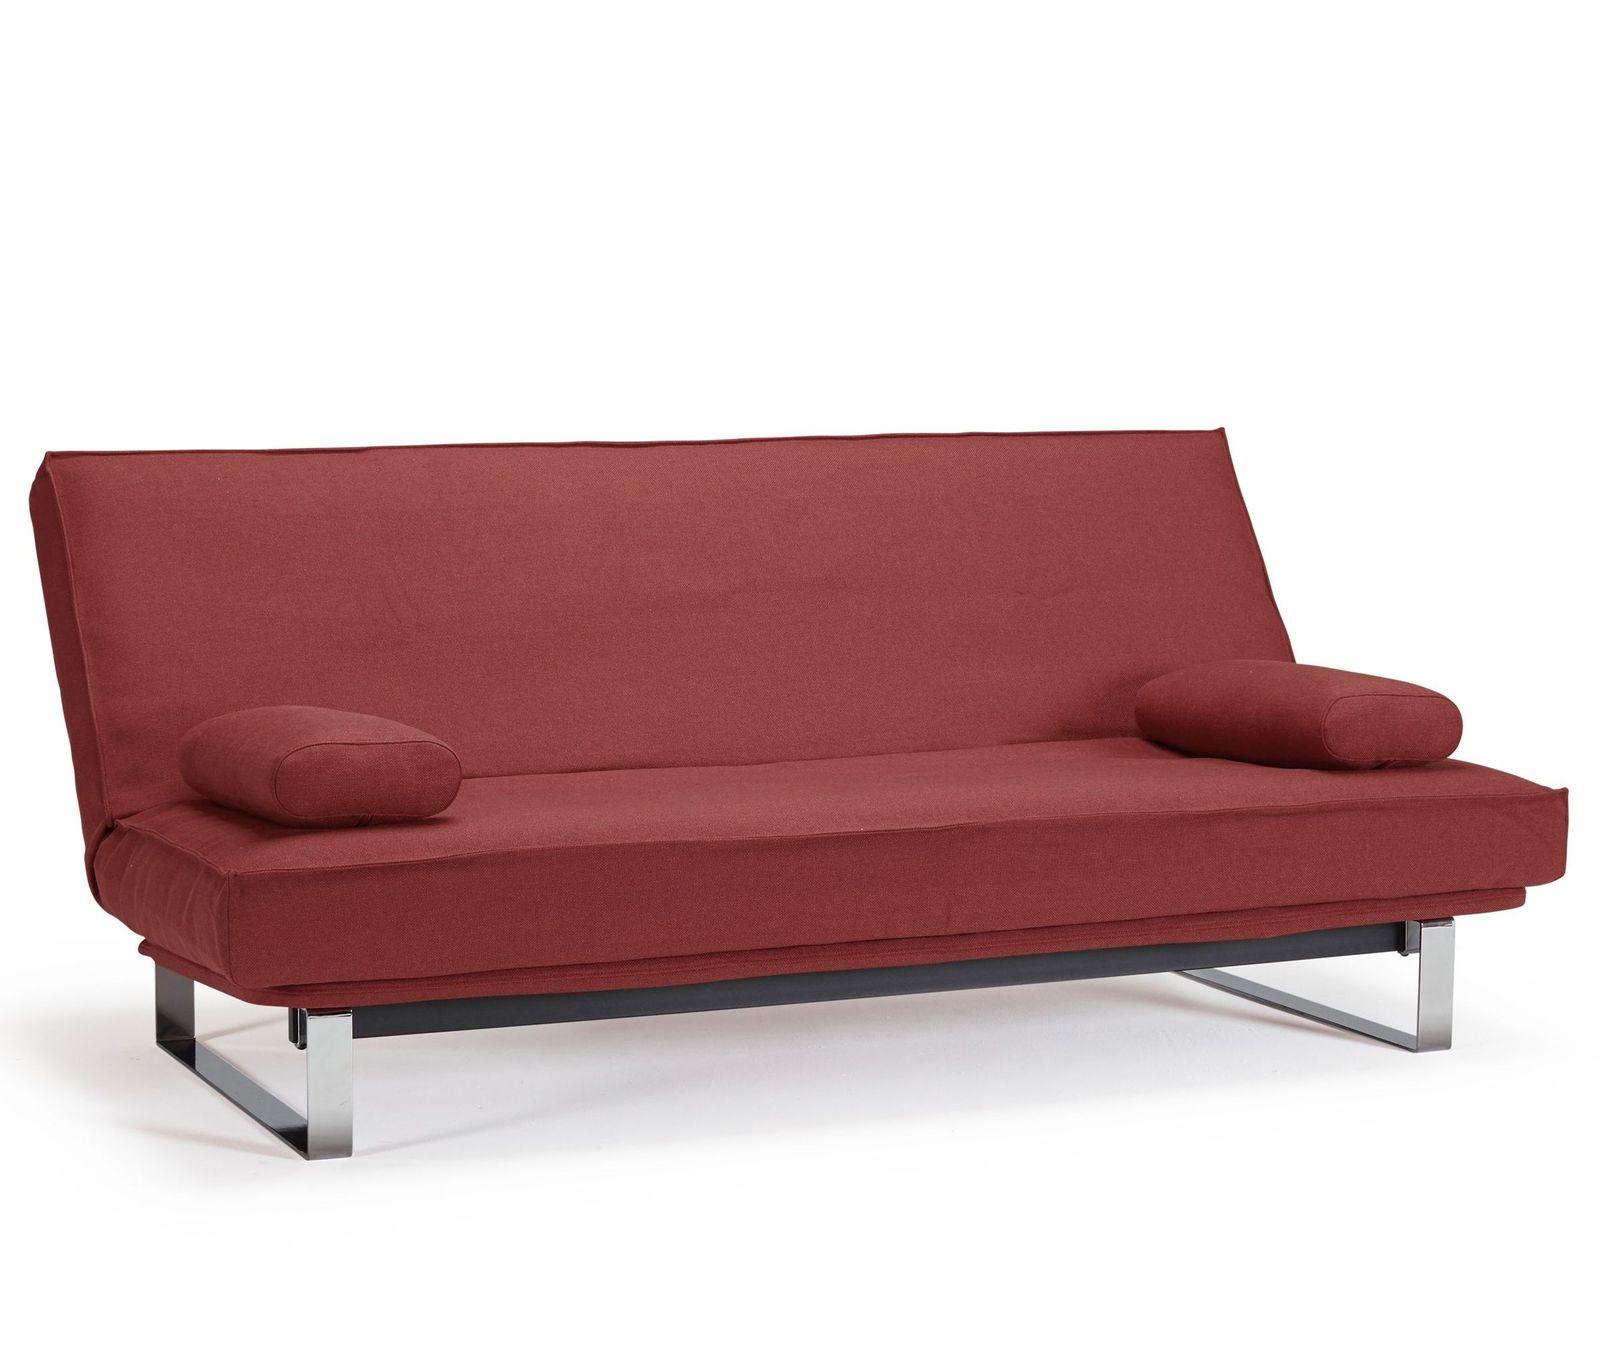 Schlafsofa dunkelgrün  Moderne Couch mit Dauerschlaffunktion inkl. Sofakissen - Perano